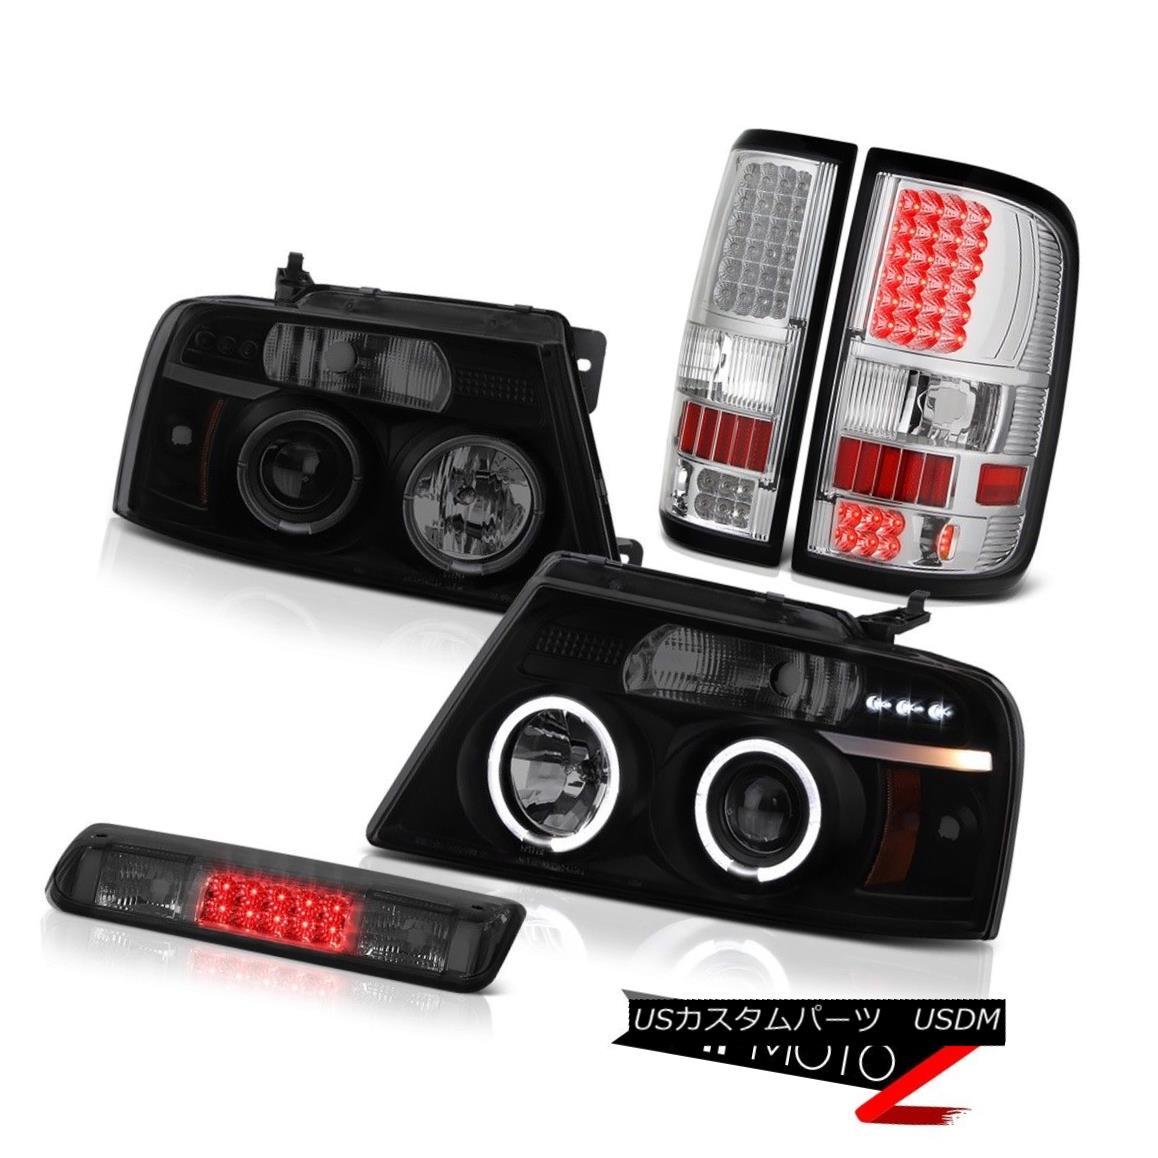 テールライト 04-08 Ford F150 XLT Smoked Third Brake Light Chrome Taillights Headlights LED 04-08 Ford F150 XLTスモークサードブレーキライトクロームテールライトヘッドライトLED